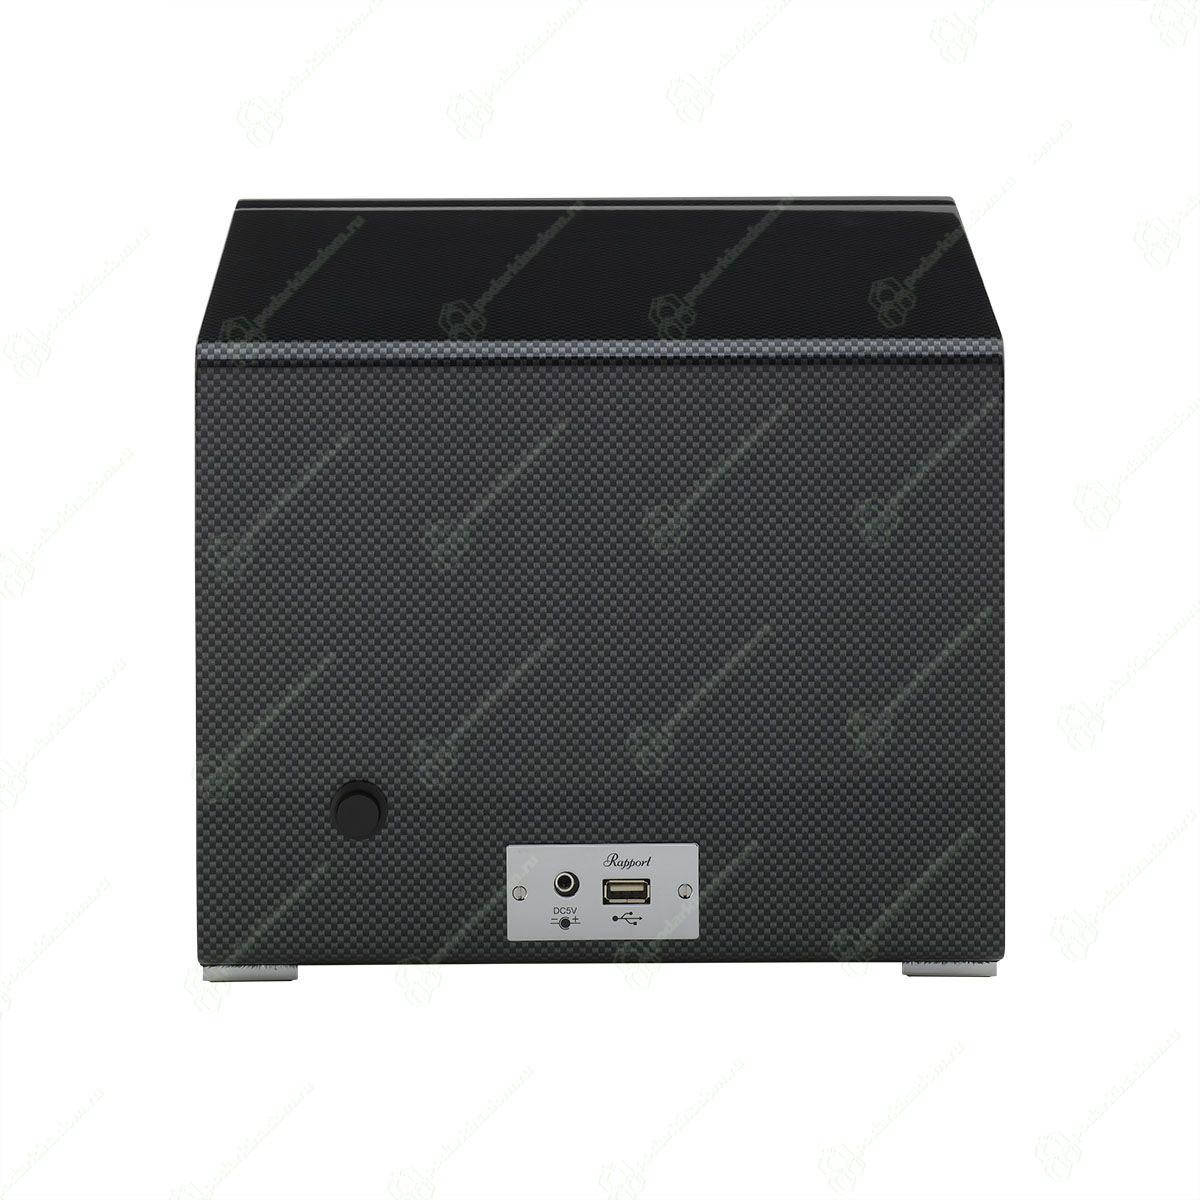 W561 Шкатулка для наручных часов с автоподзаводом